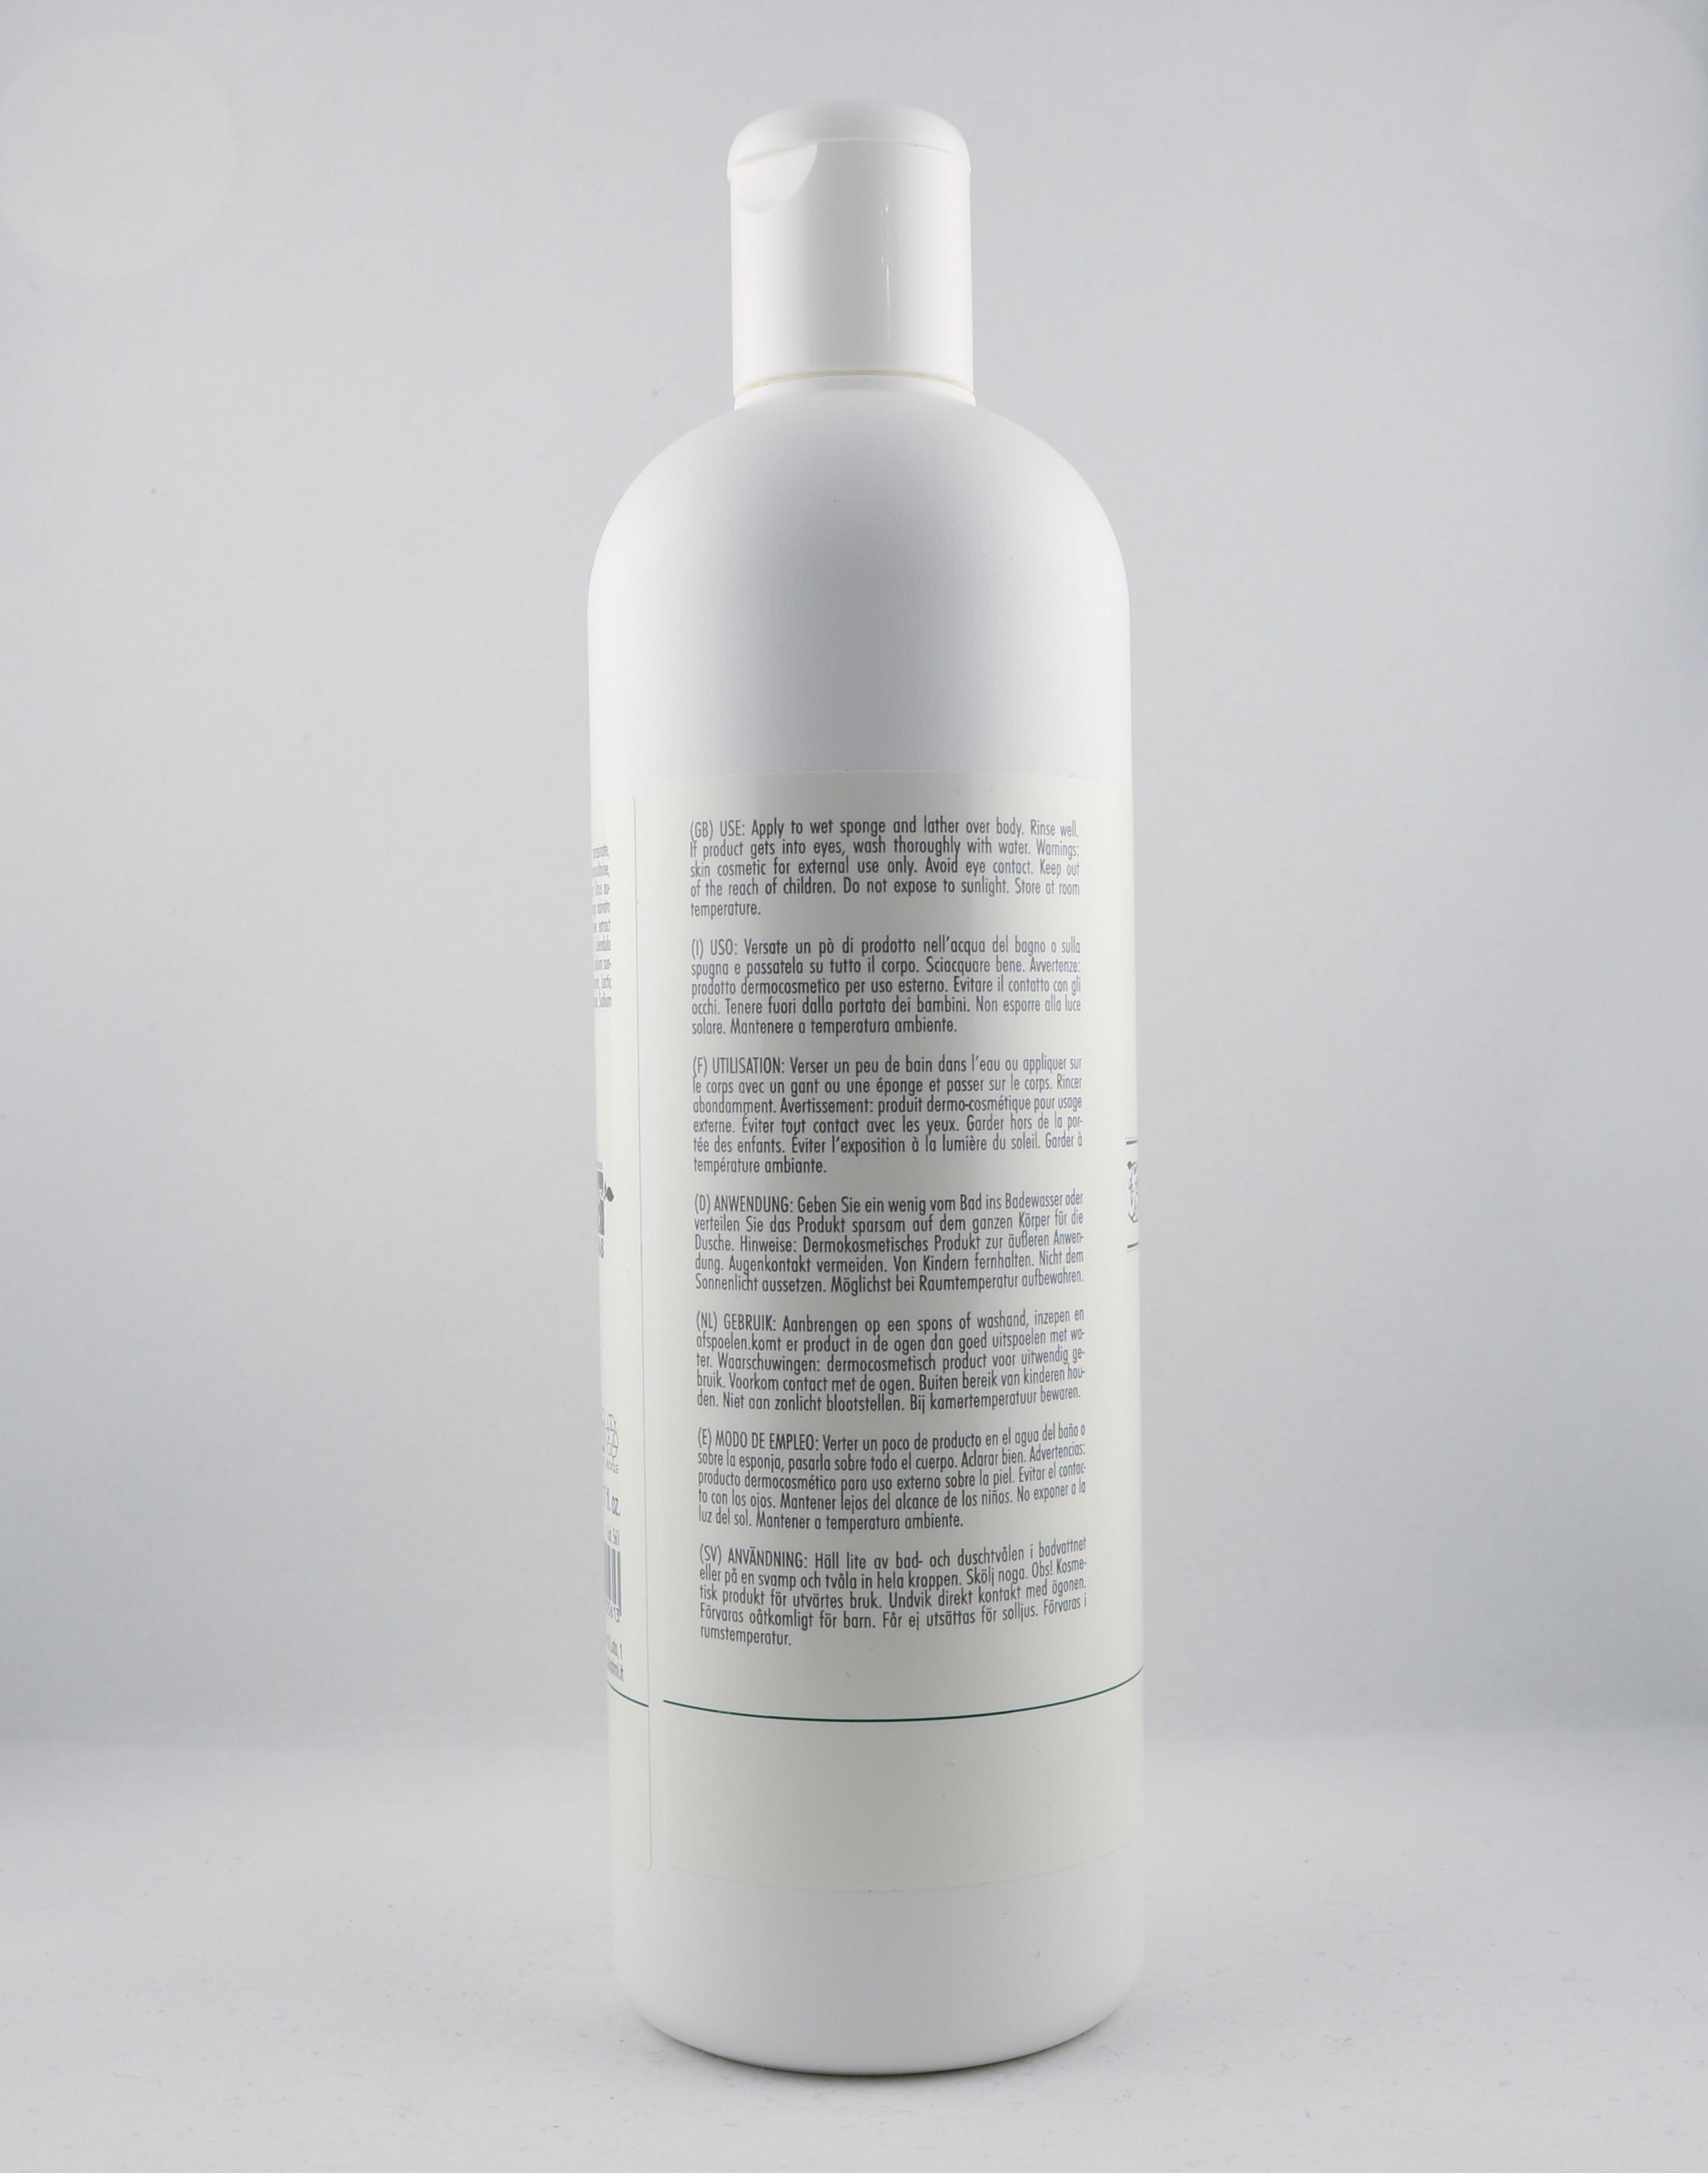 Vata Jasmin Bath-Shower hudvårdsprodukt hudvårdstyp alternativ hälsa wellness ayurveda för män